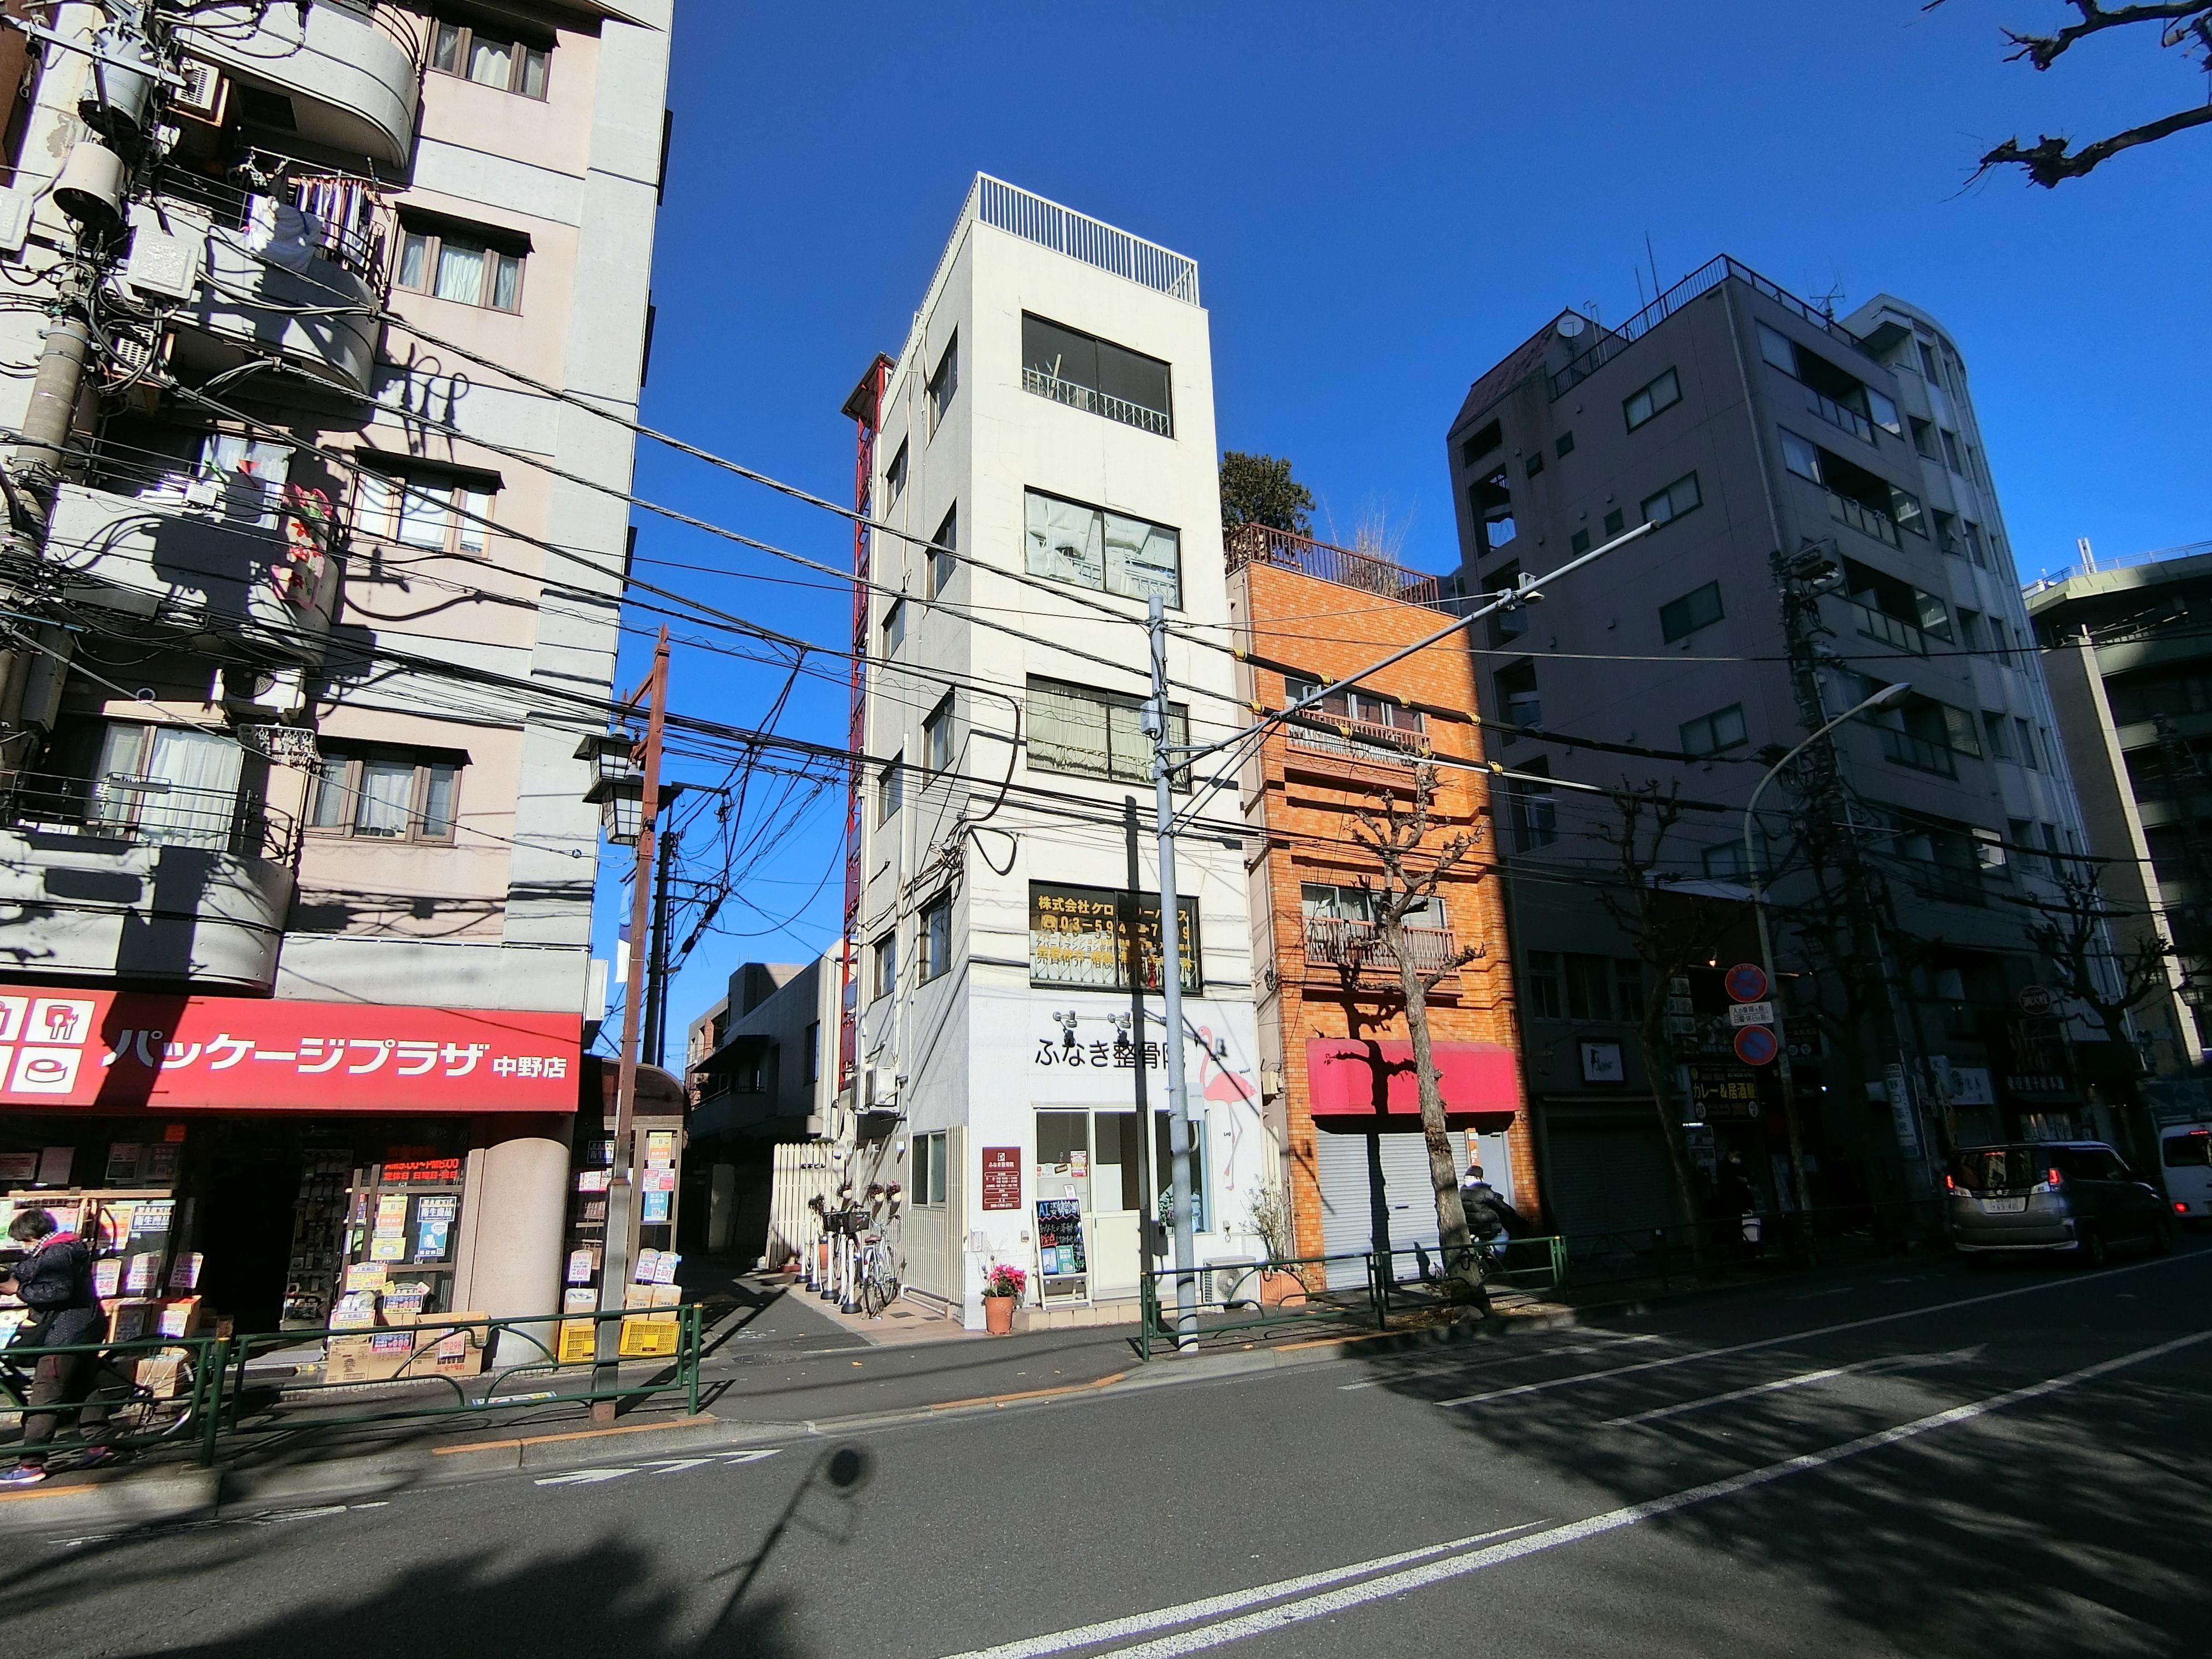 中野グローリーハウスの賃貸募集 松本ビル3階事務所